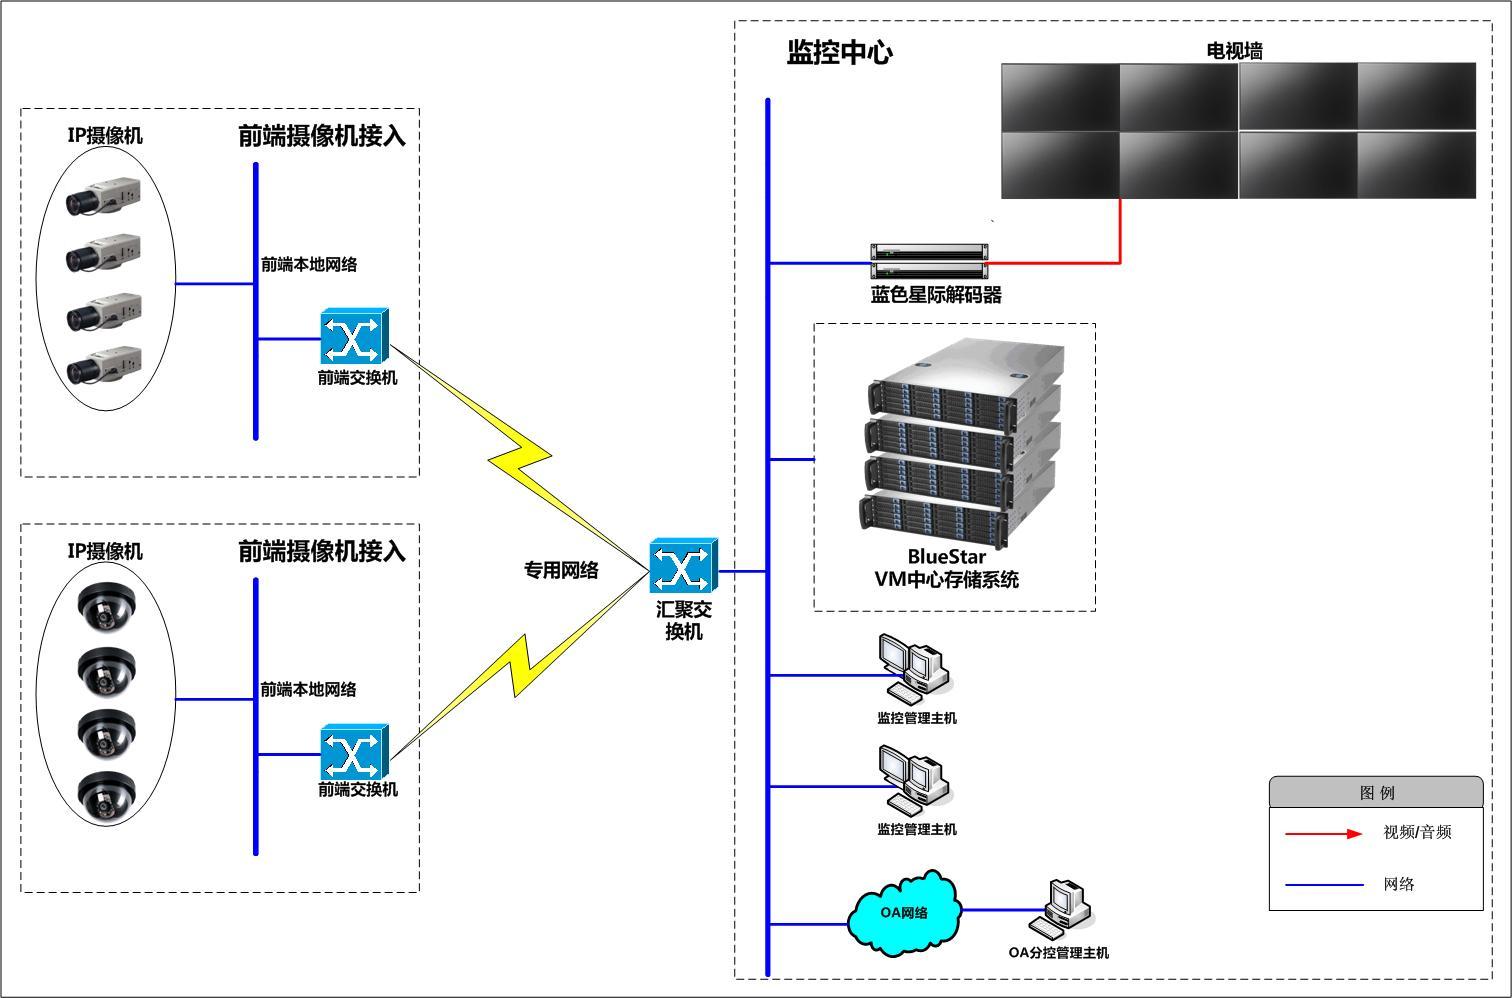 产品概述 BlueStar VM系列产品是蓝色星际为全IP化监控而设计的全新系统。结合多年的行业应用经验VM系列产品能够满足监控存储运行环境较差,业务连续性要求高,使用和维护简便,高性价比的要求。BlueStar VM系列产品能够实现前端IP摄像机,视频编码器(DVS)的统一接入和管理,提供丰富的管理和业务功能,不仅提供通常的实时视频查看、报警联动、远程录像回放、设备巡检、监控设备管理、监控控制管理、用户管理、日志管理等功能,还提供强大的电视墙控制、监控策略管理、设备时间同步、电子地图服务、双向对讲、广